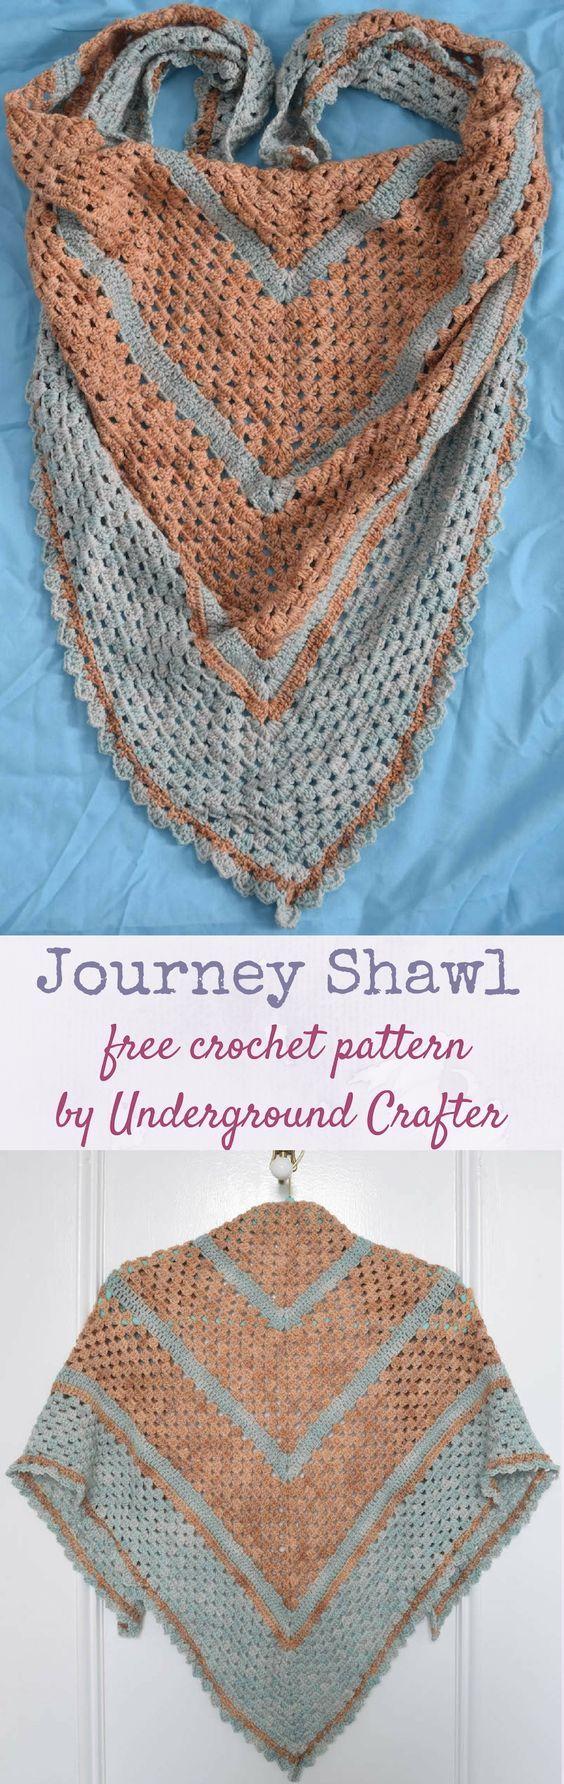 1180 besten Crochet - Shawls, Stoles & Capes Bilder auf Pinterest ...